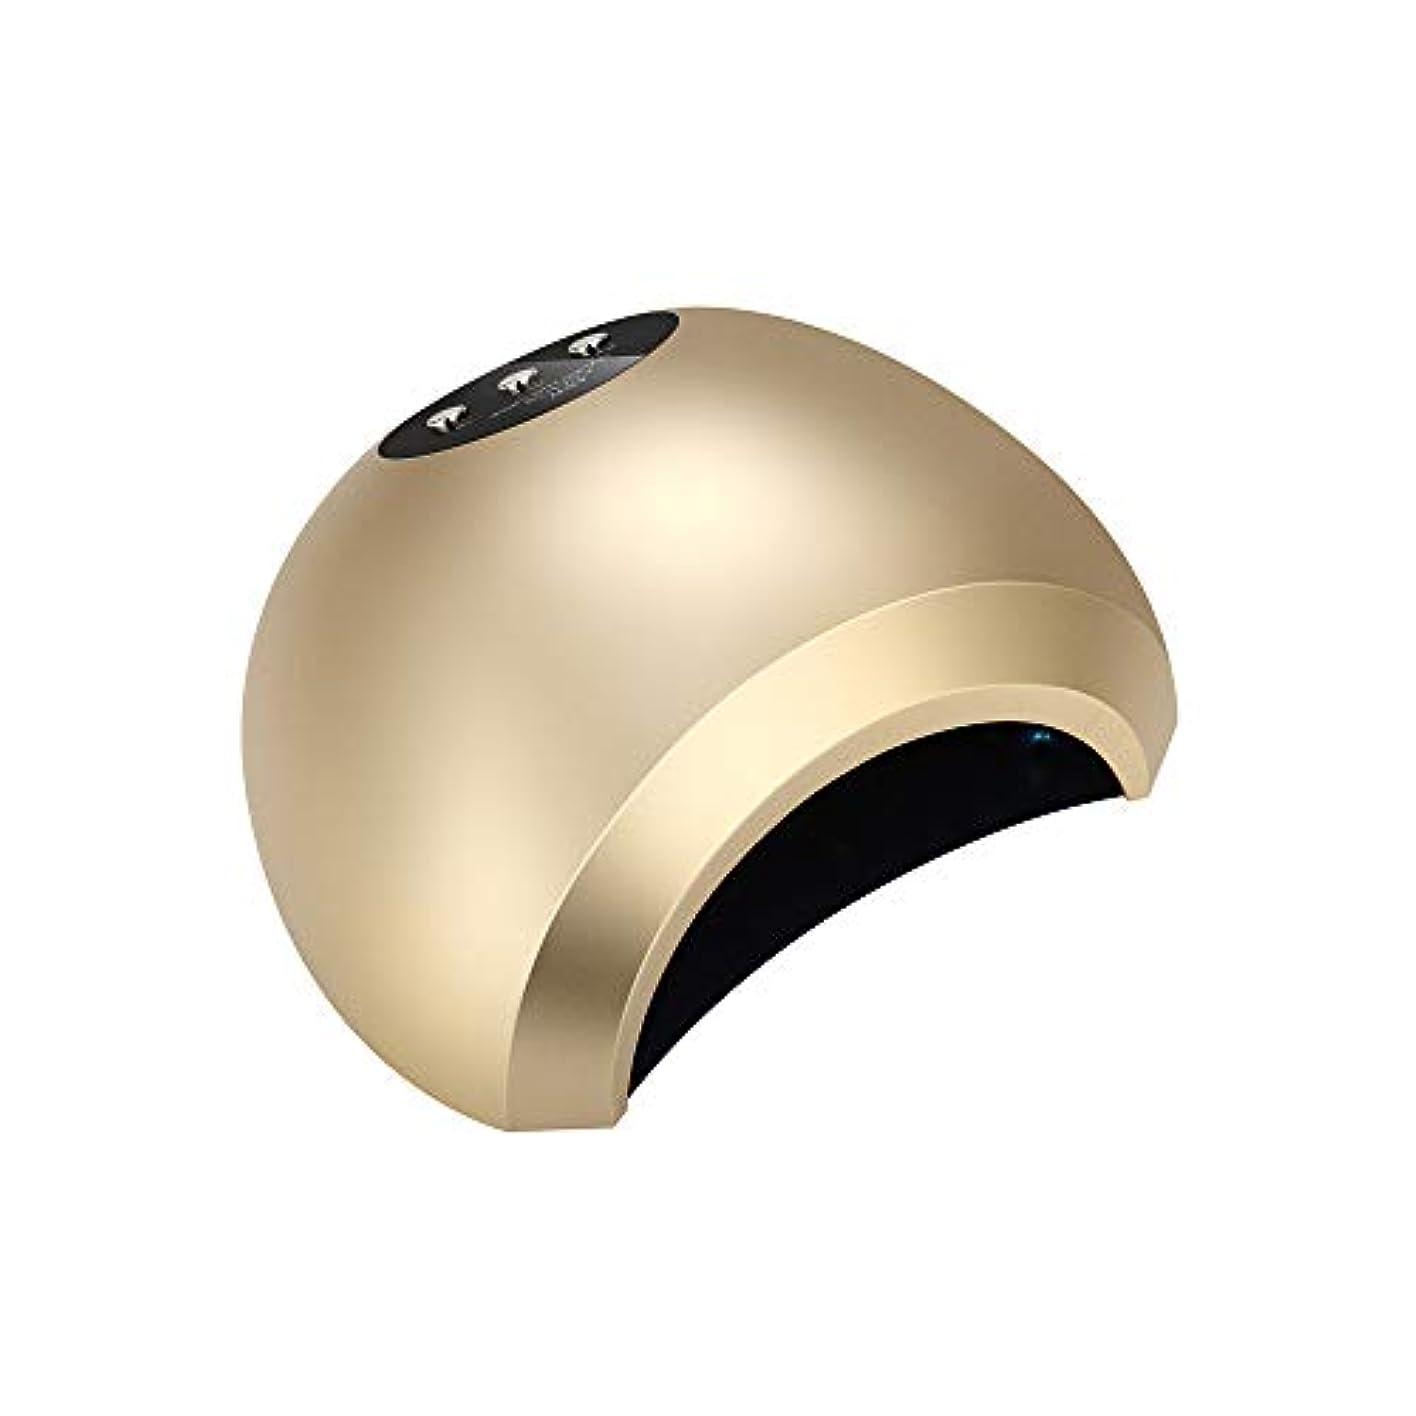 姪ブラシレモン48Wインテリジェント誘導デュアル光源放熱無痛速乾性光線療法ランプネイルポリッシュグルーライト速乾性ドライヤーネイルポリッシュUVランプ